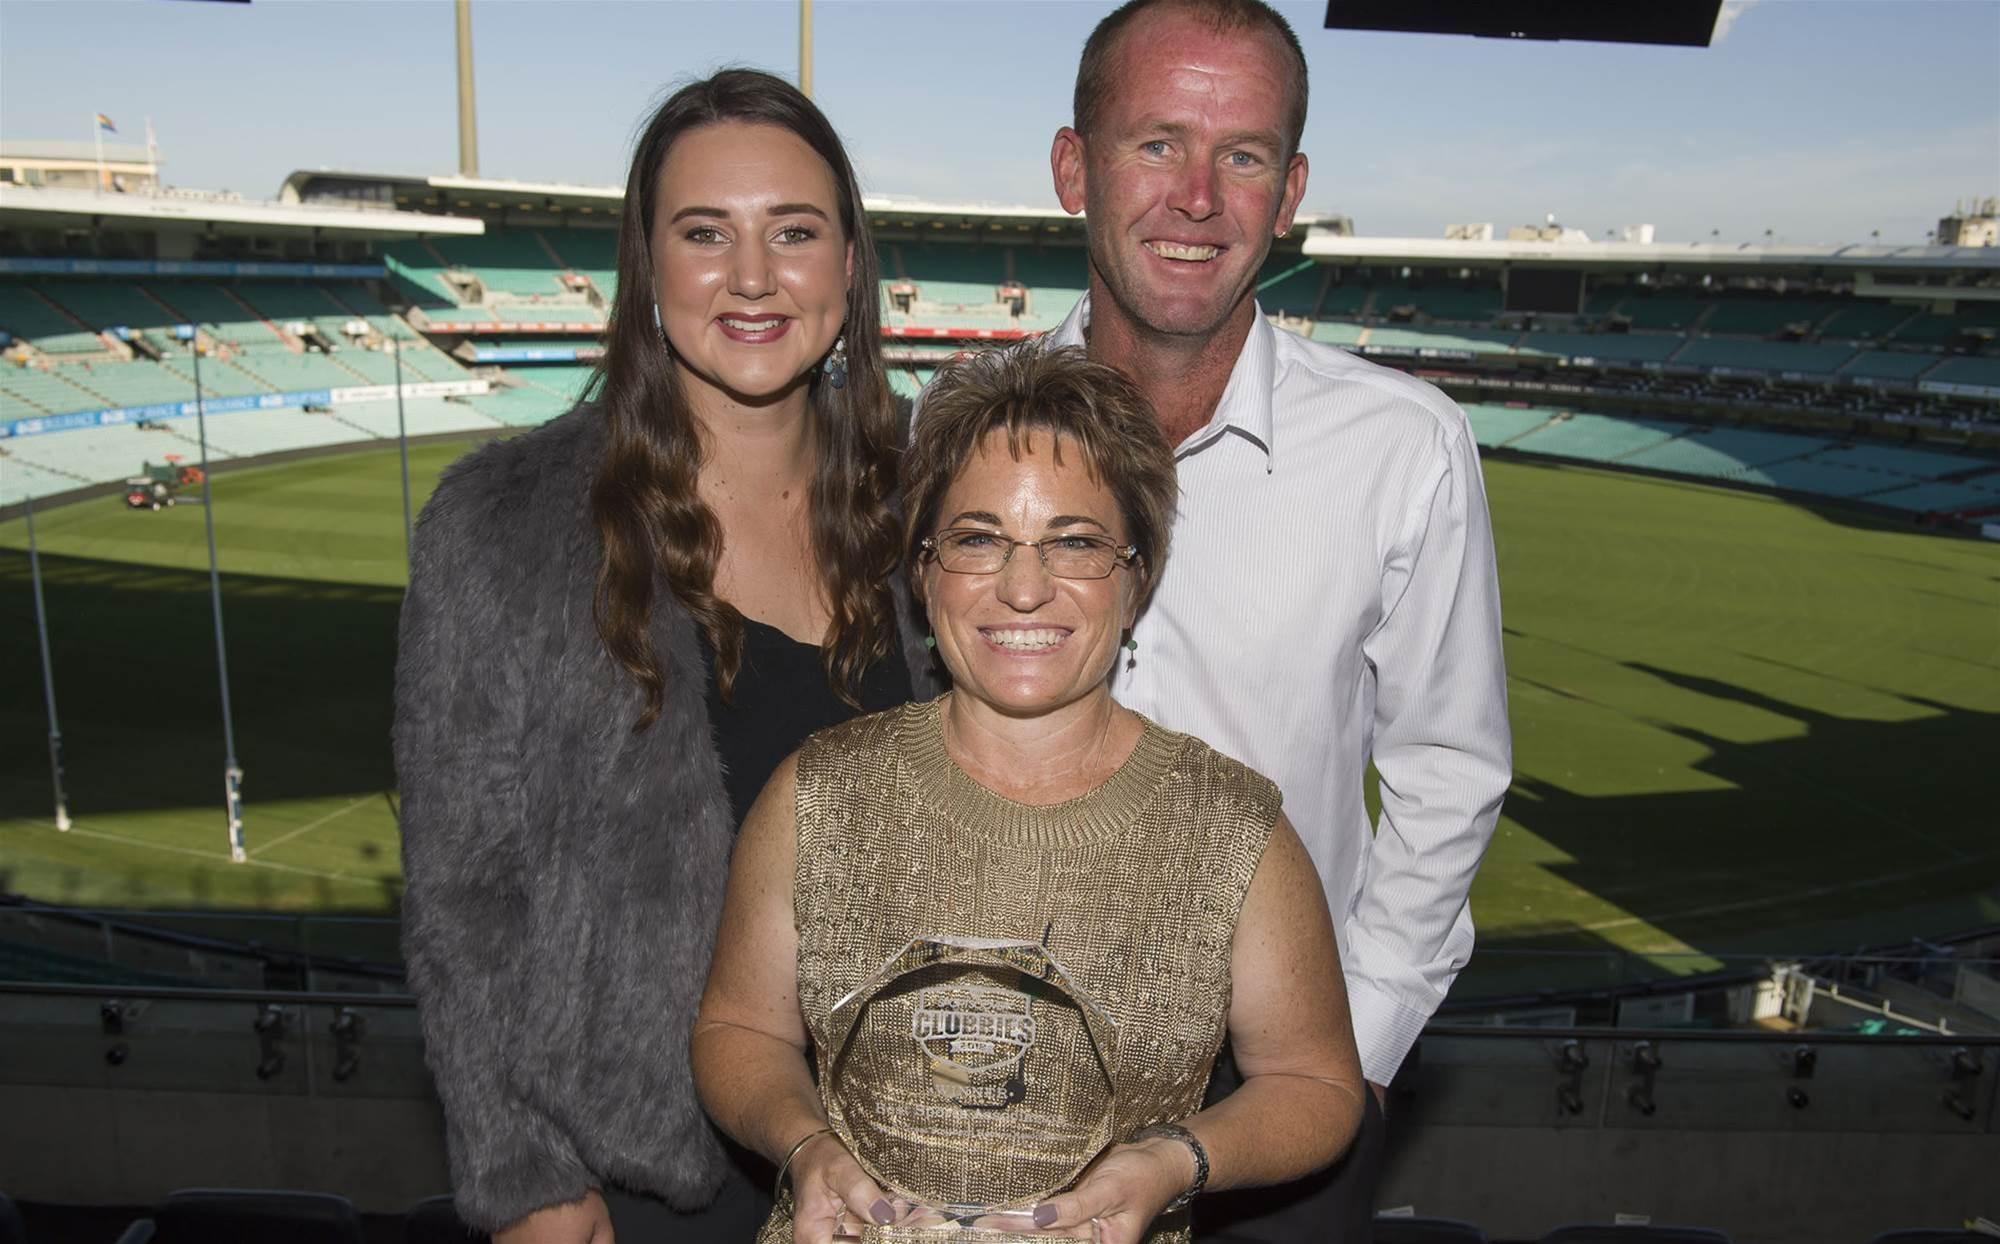 Clubbies winners enjoy PR hit